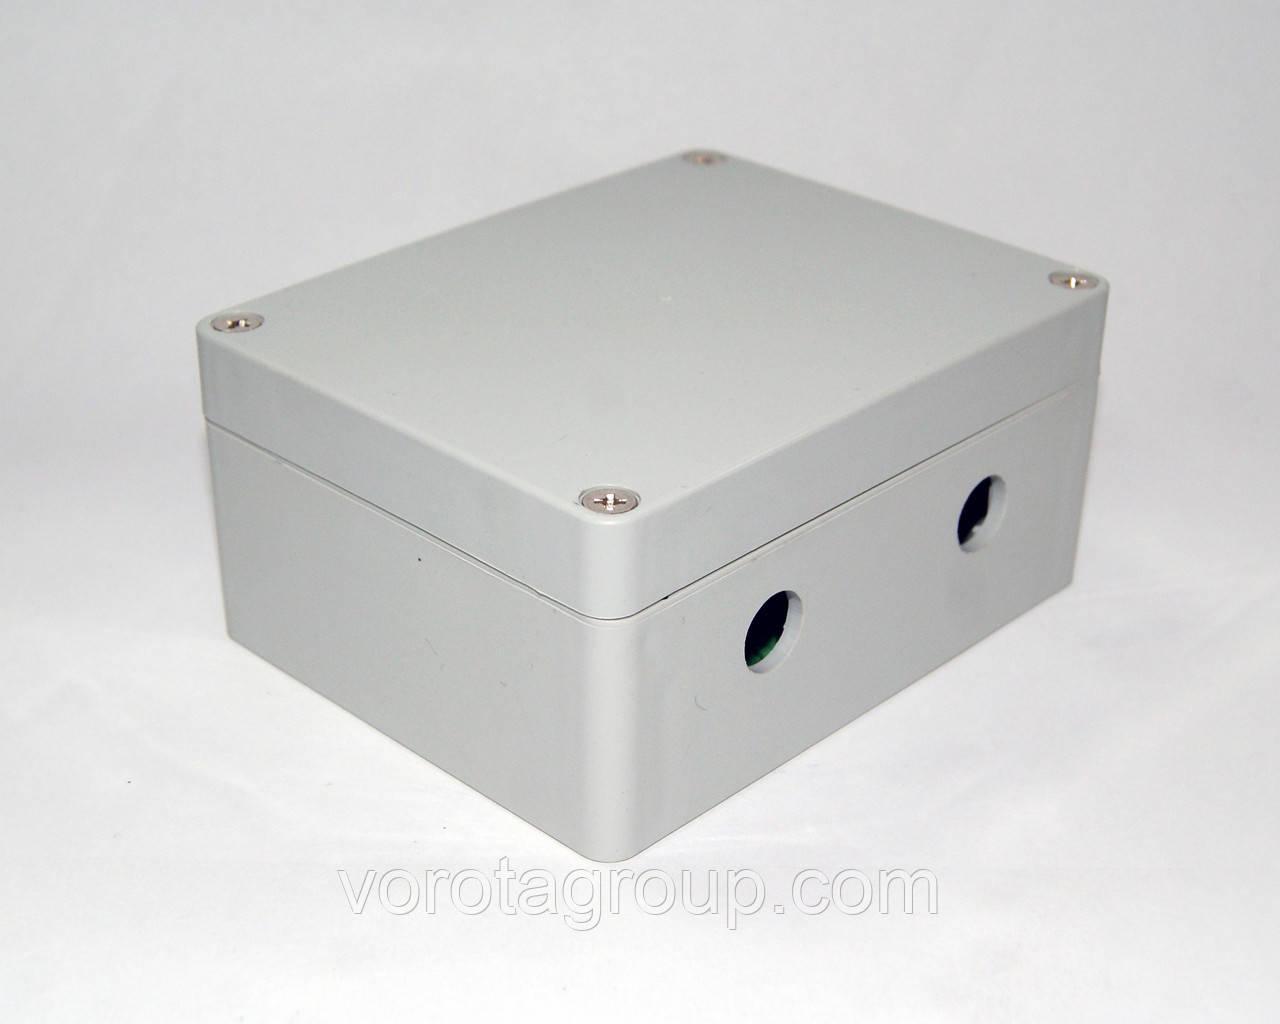 Блок управления CV0.1 - DoorHan